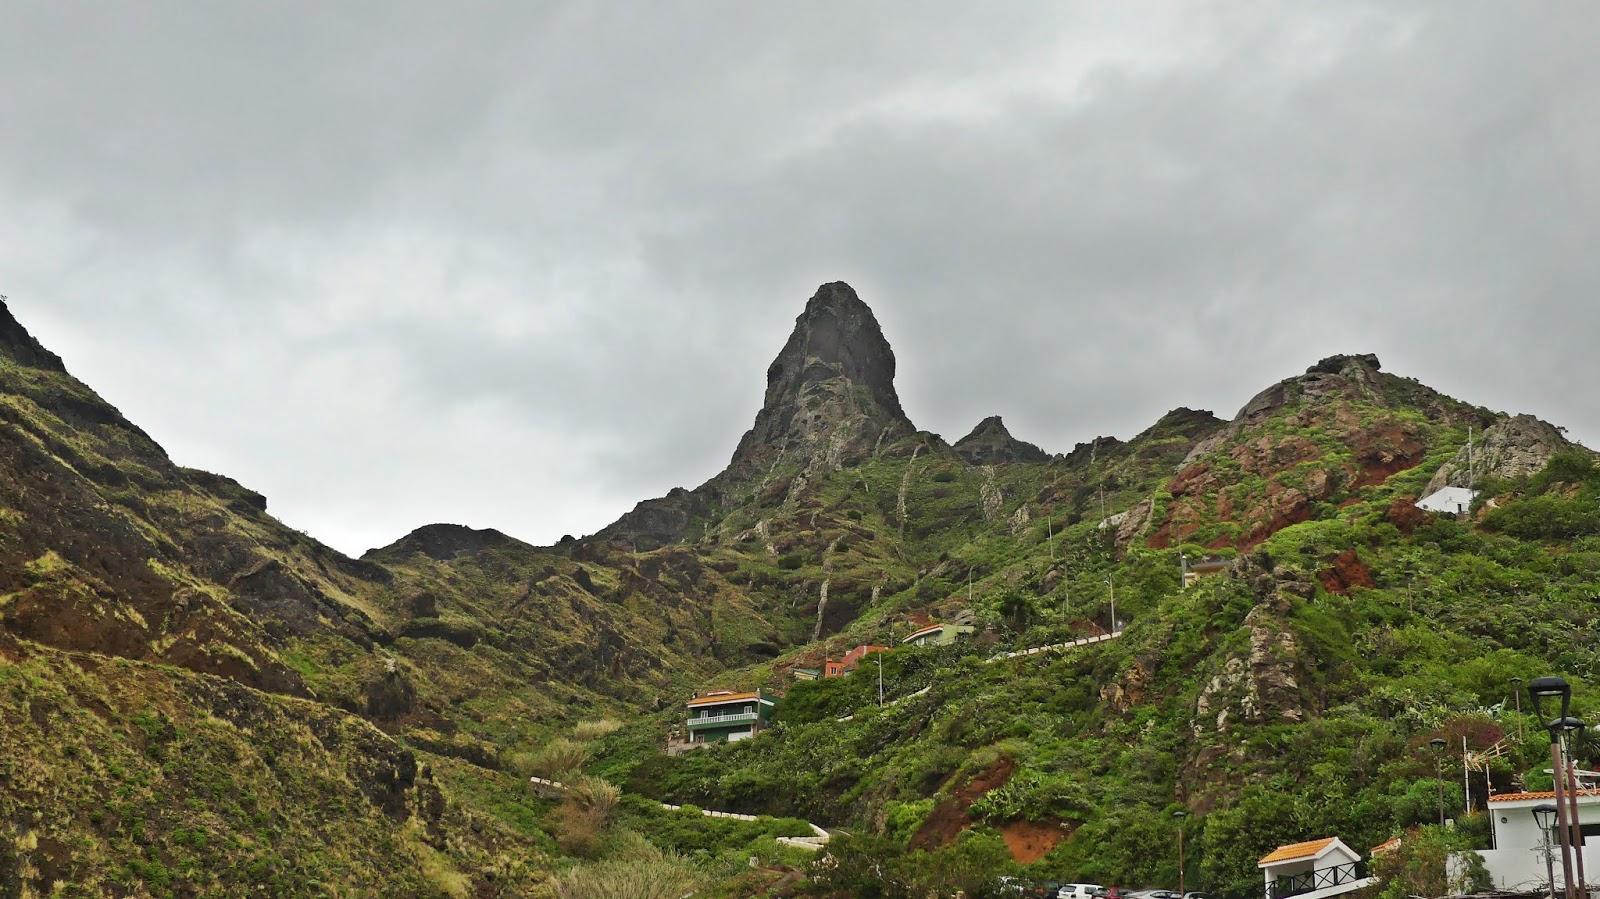 Teneryfa - najfajniejsze miejscówki poza utartym szlakiem